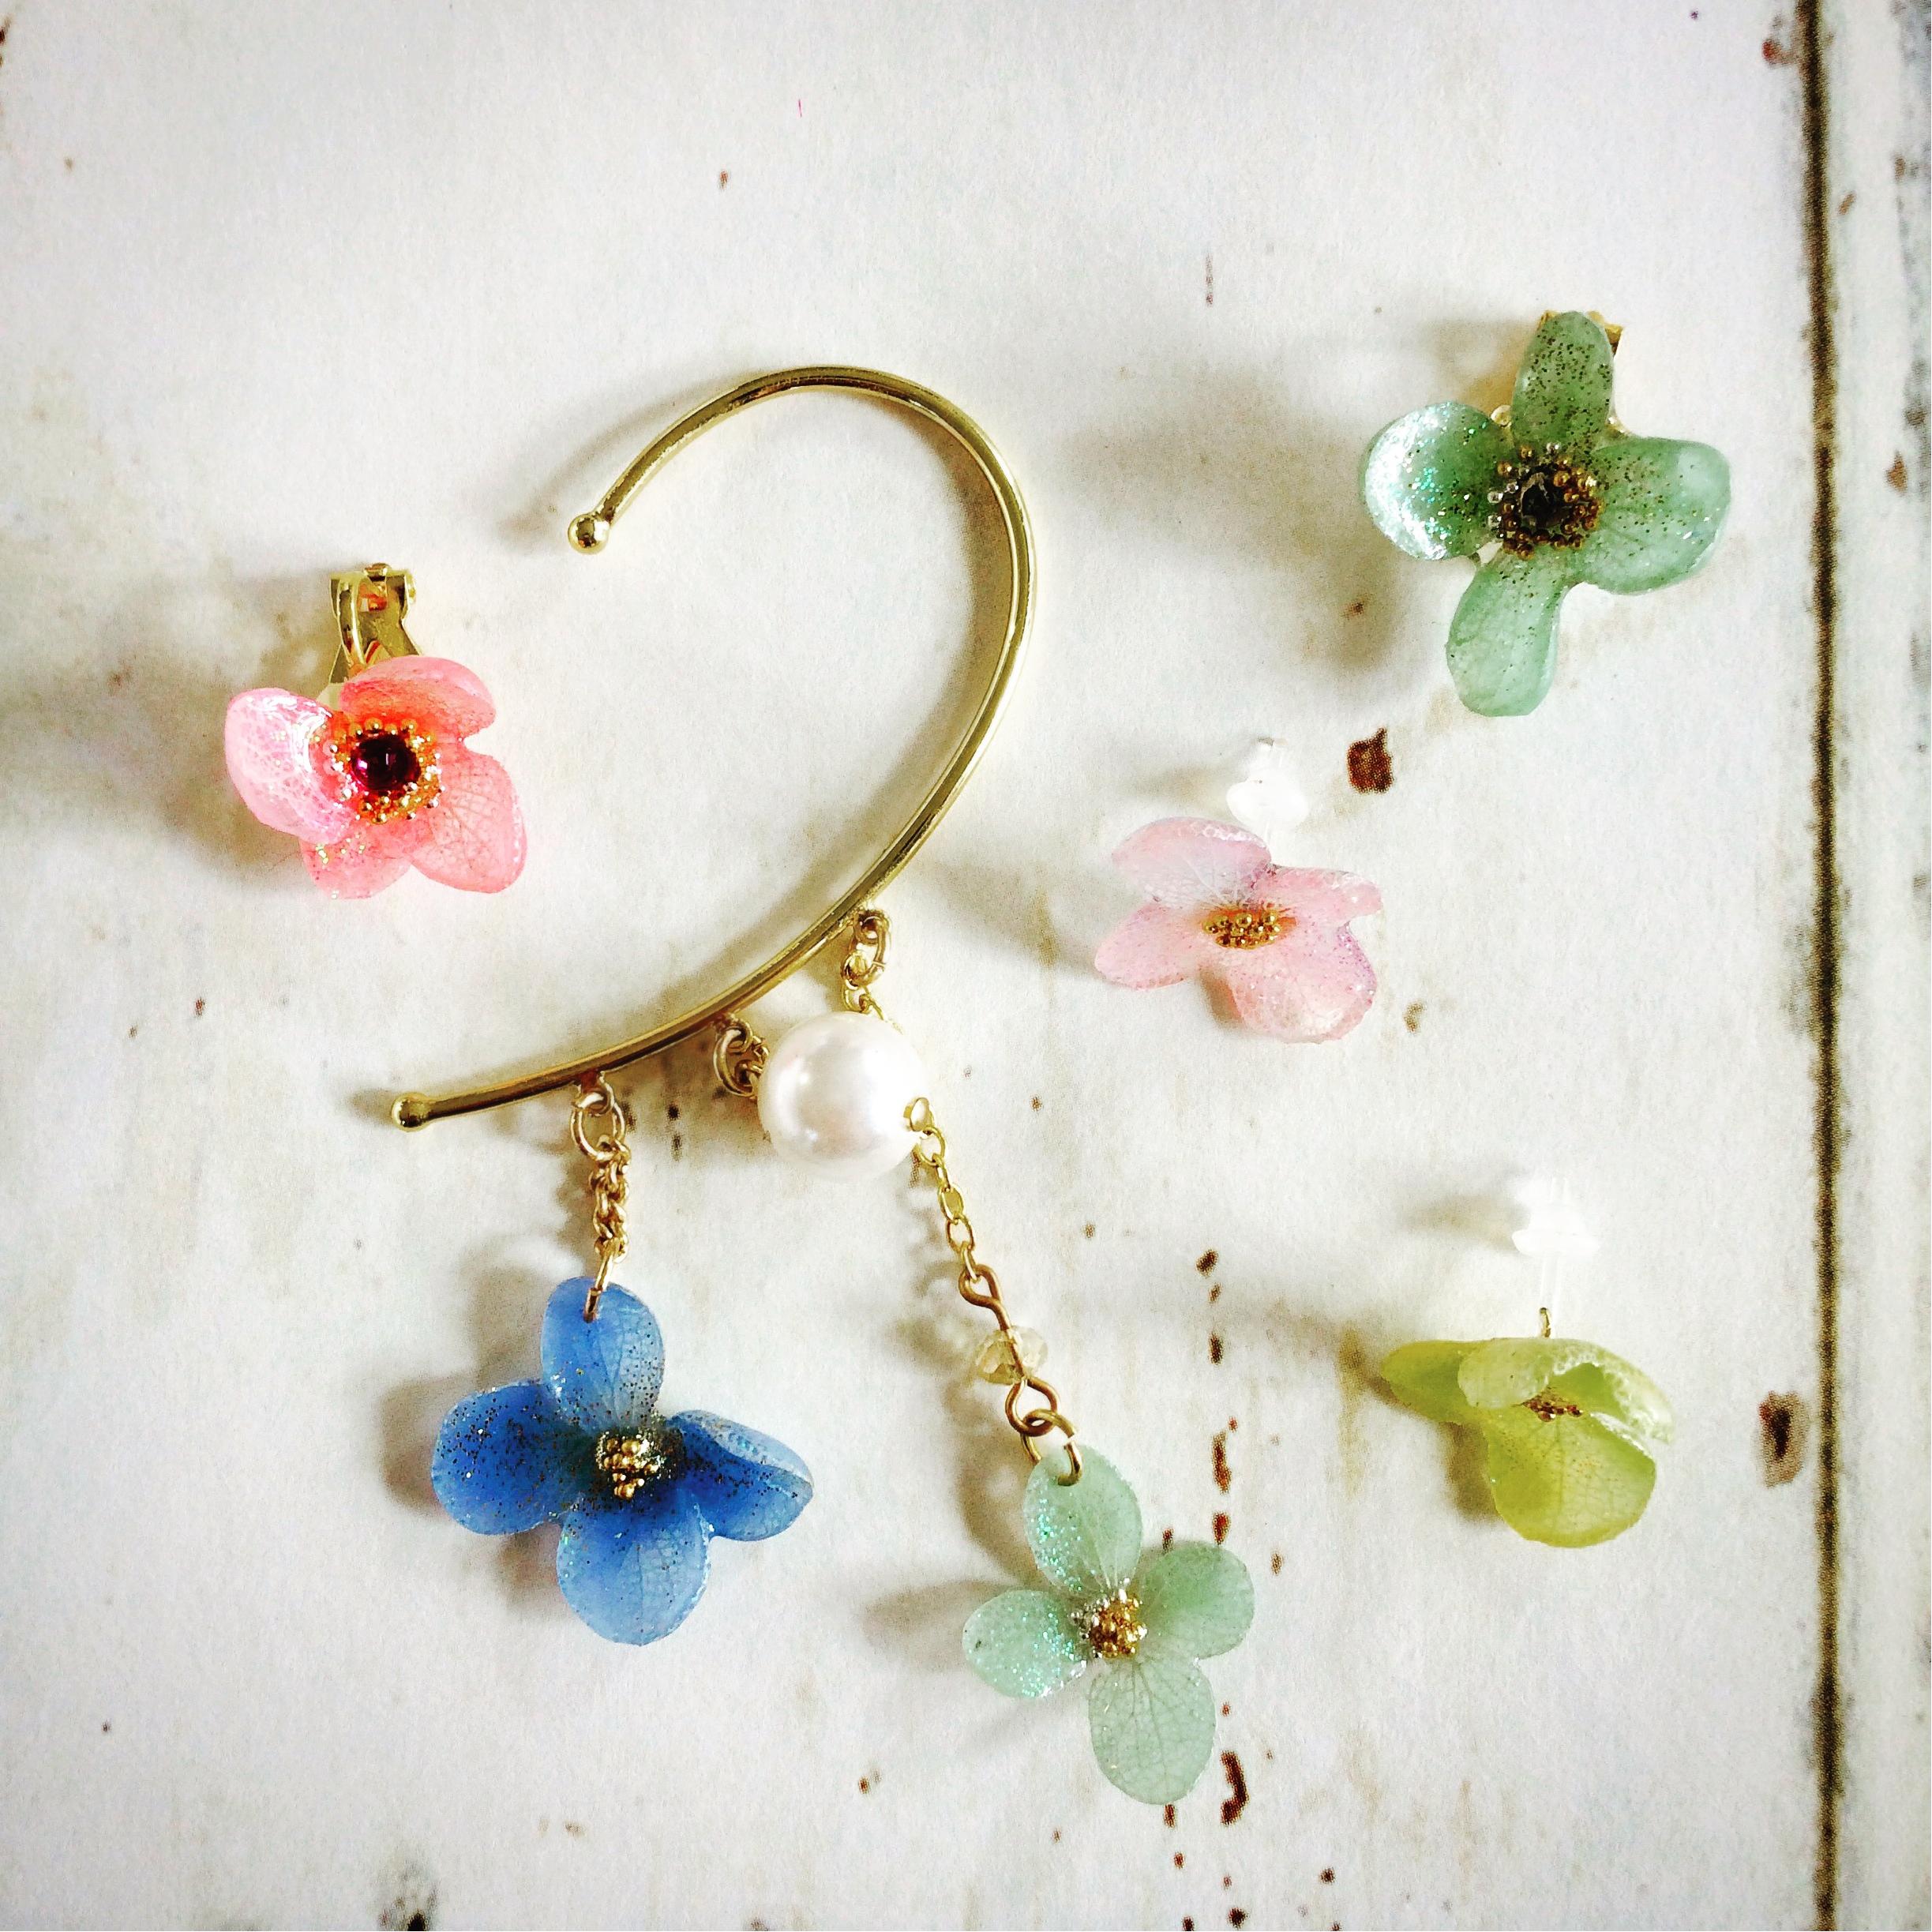 お花を着色しイヤーフックに